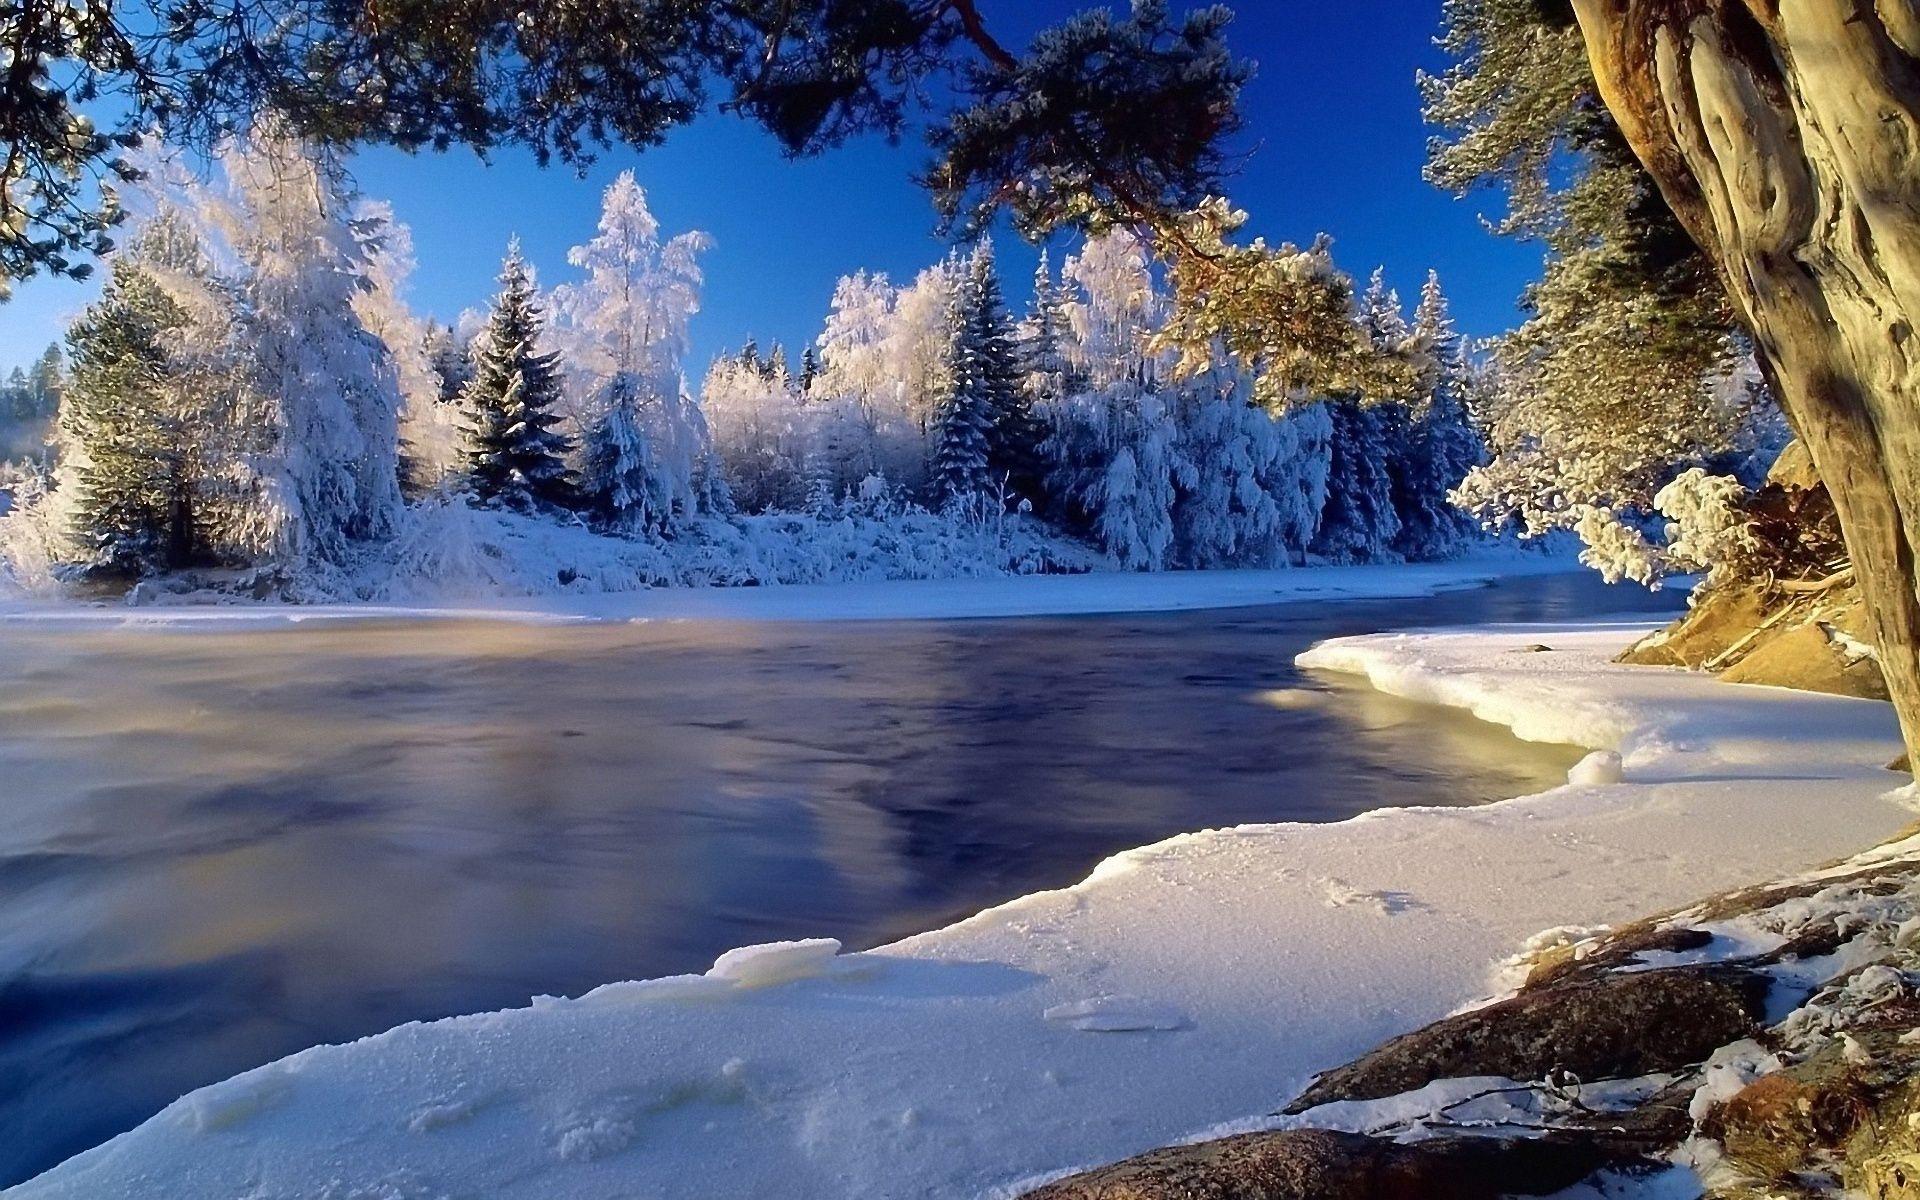 winter landscape desktop backgrounds free hd4wallpaper net